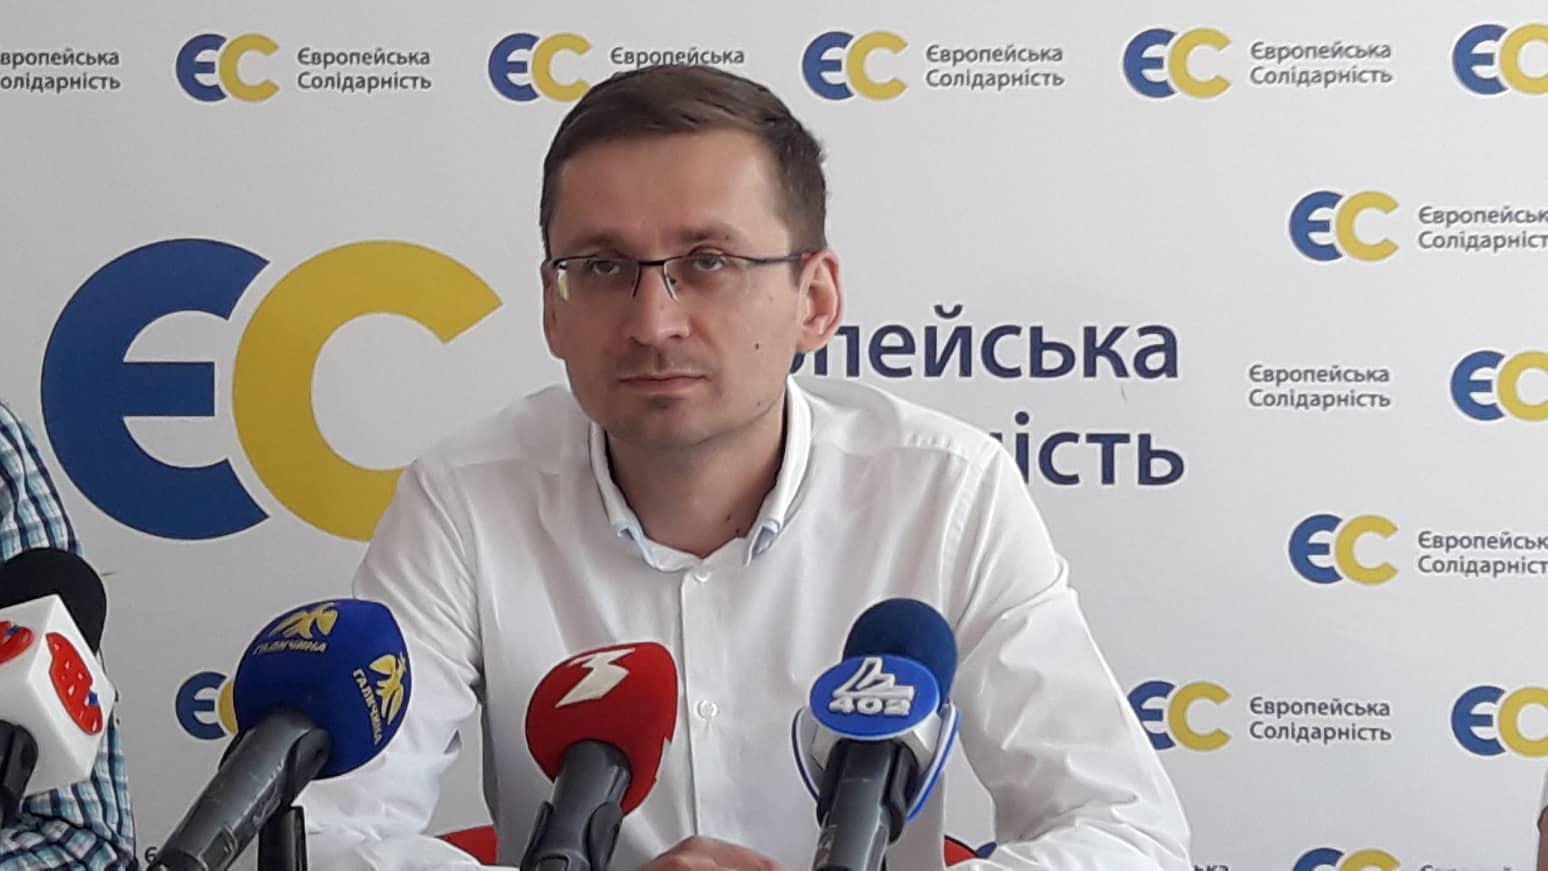 У Франківську запустили флеш-моб на підтримку кандидата Петечела